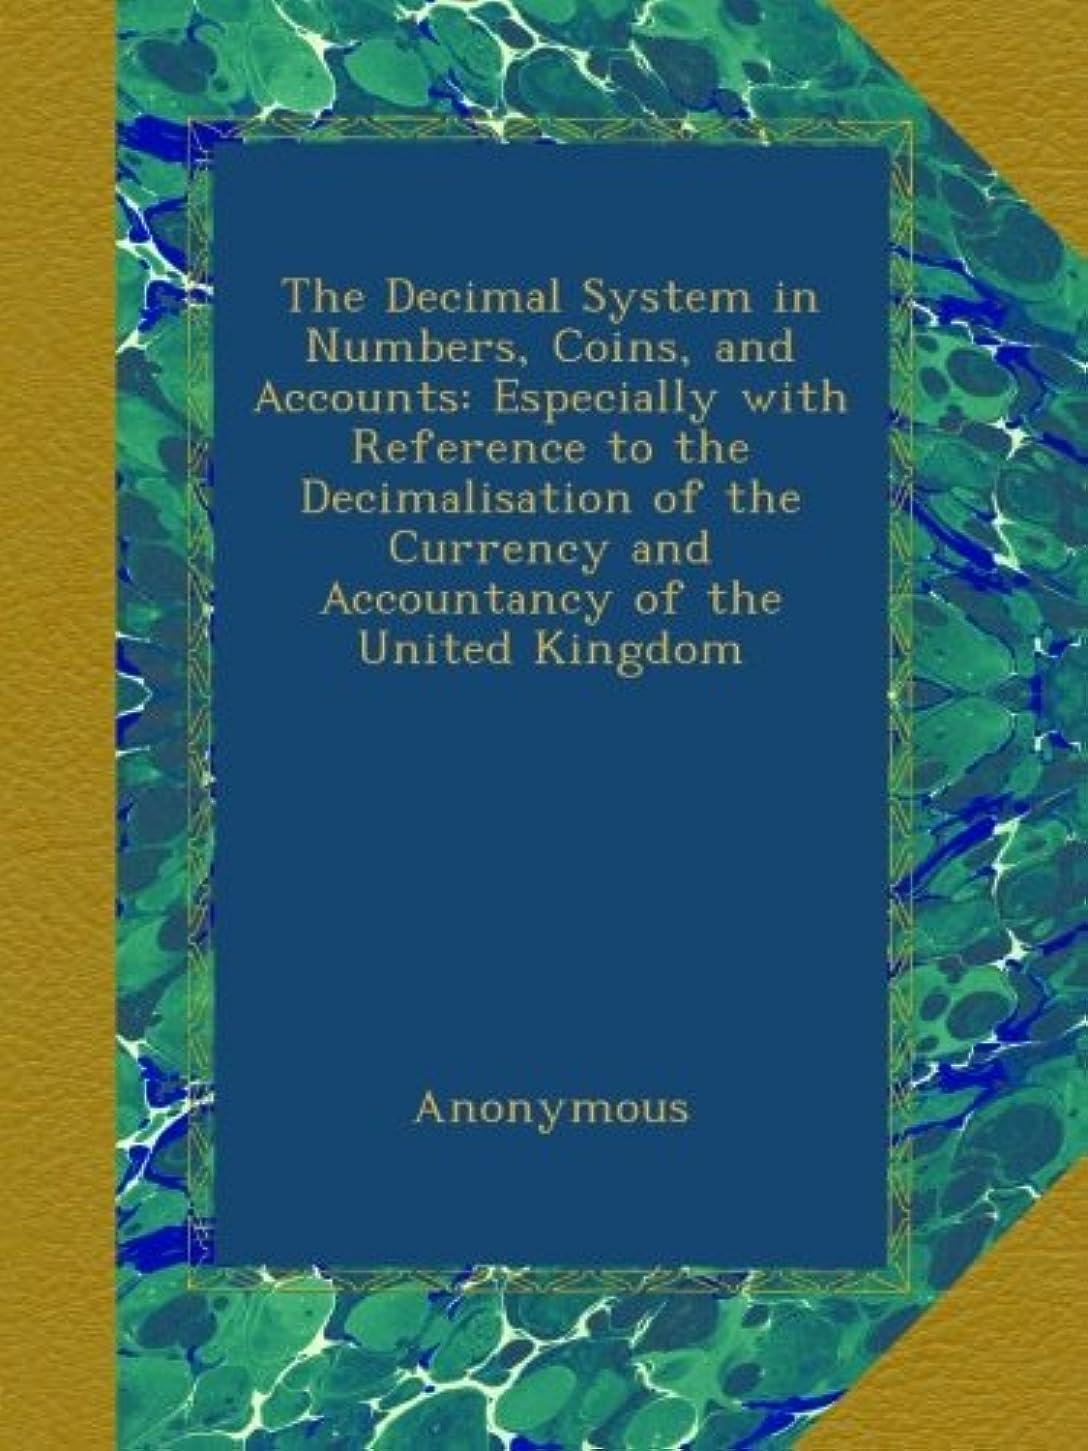 お風呂長いです放棄The Decimal System in Numbers, Coins, and Accounts: Especially with Reference to the Decimalisation of the Currency and Accountancy of the United Kingdom